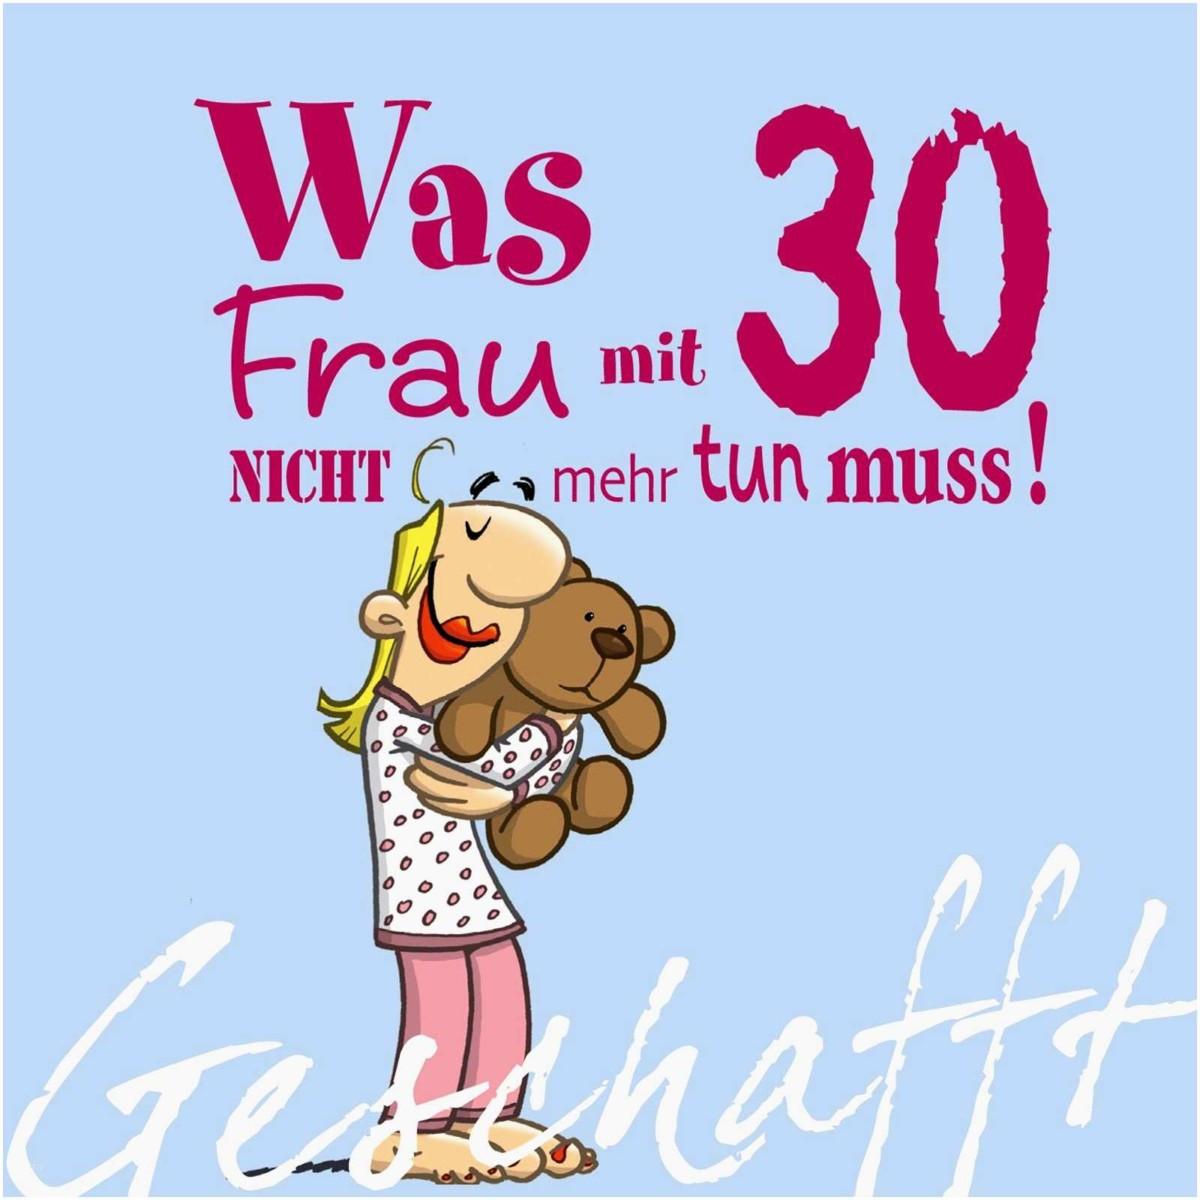 Geburtstagswünsche Frauen Lustig  geburtstag 30 frau spruch Fabelhaft Alles Gute Zum 30